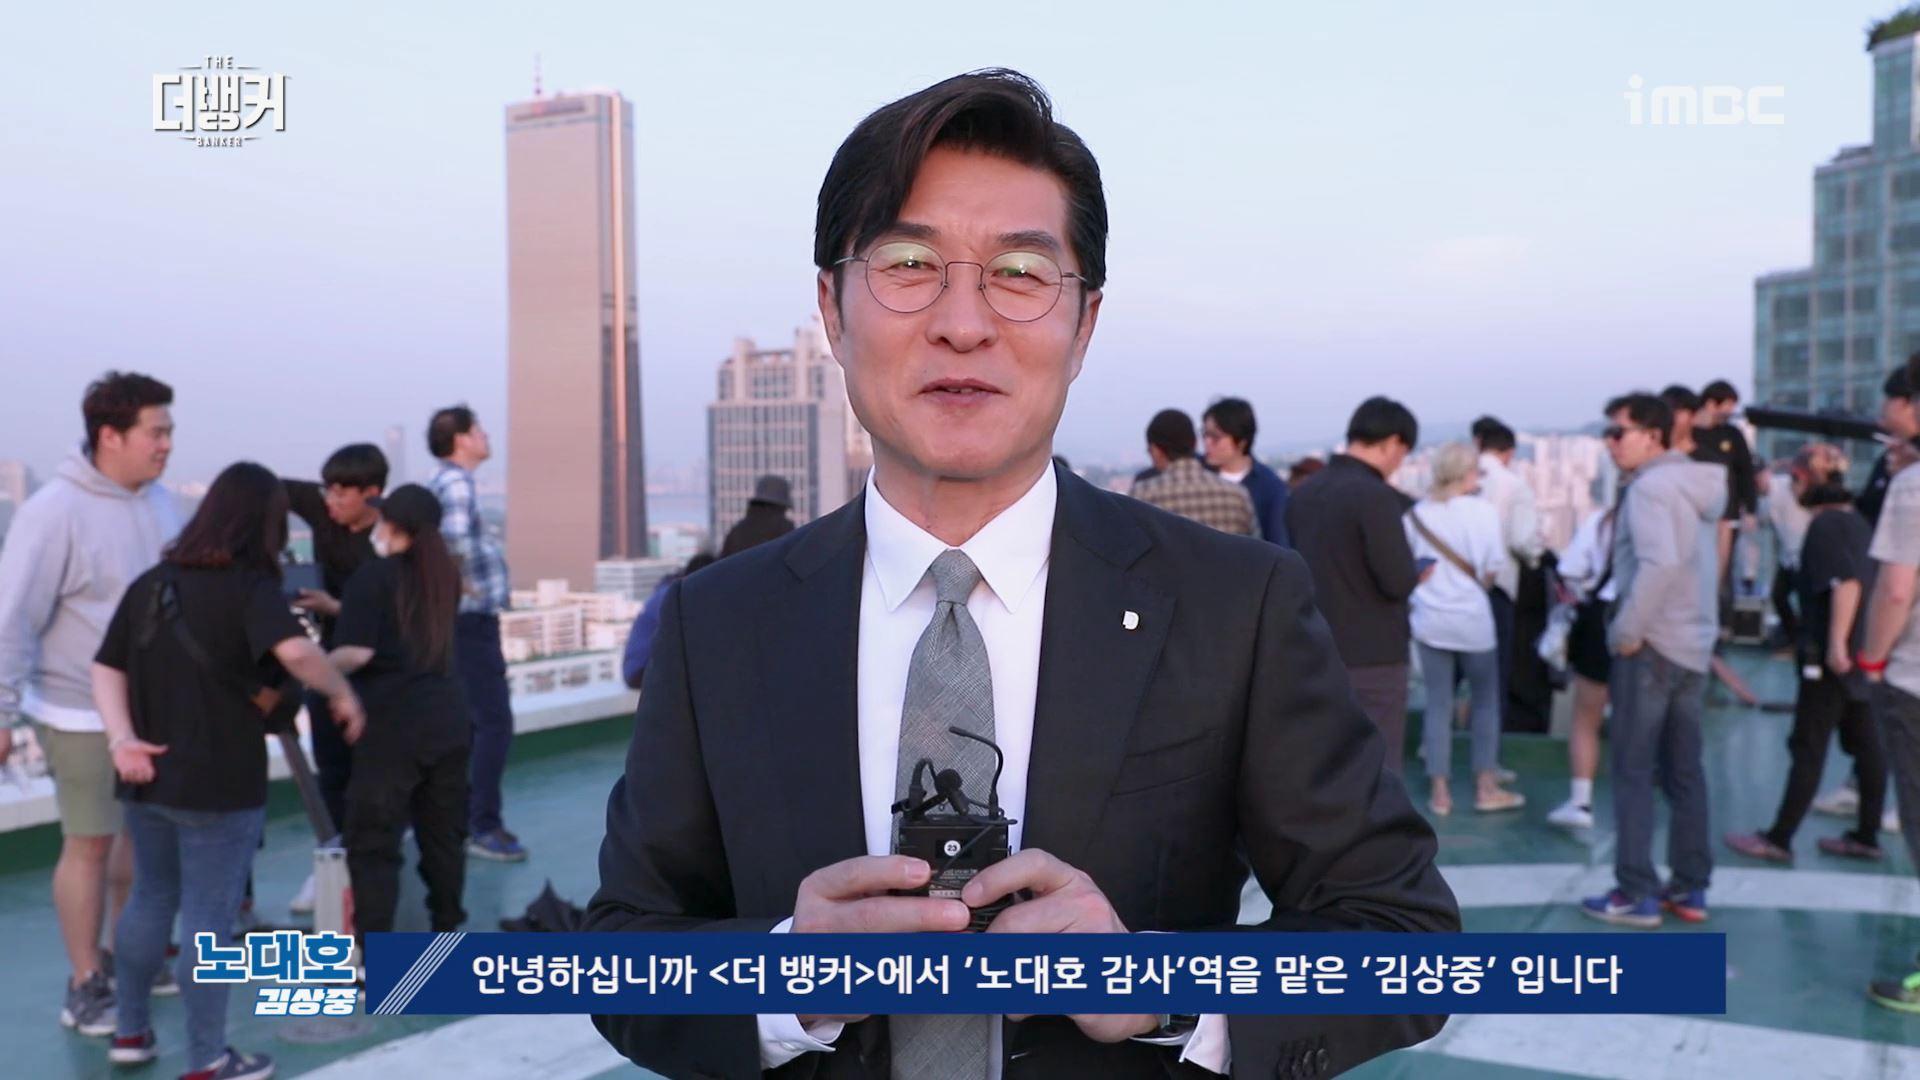 """'더 뱅커' 김상중, """"선한 드라마라는 자부심"""" 종영 소감"""